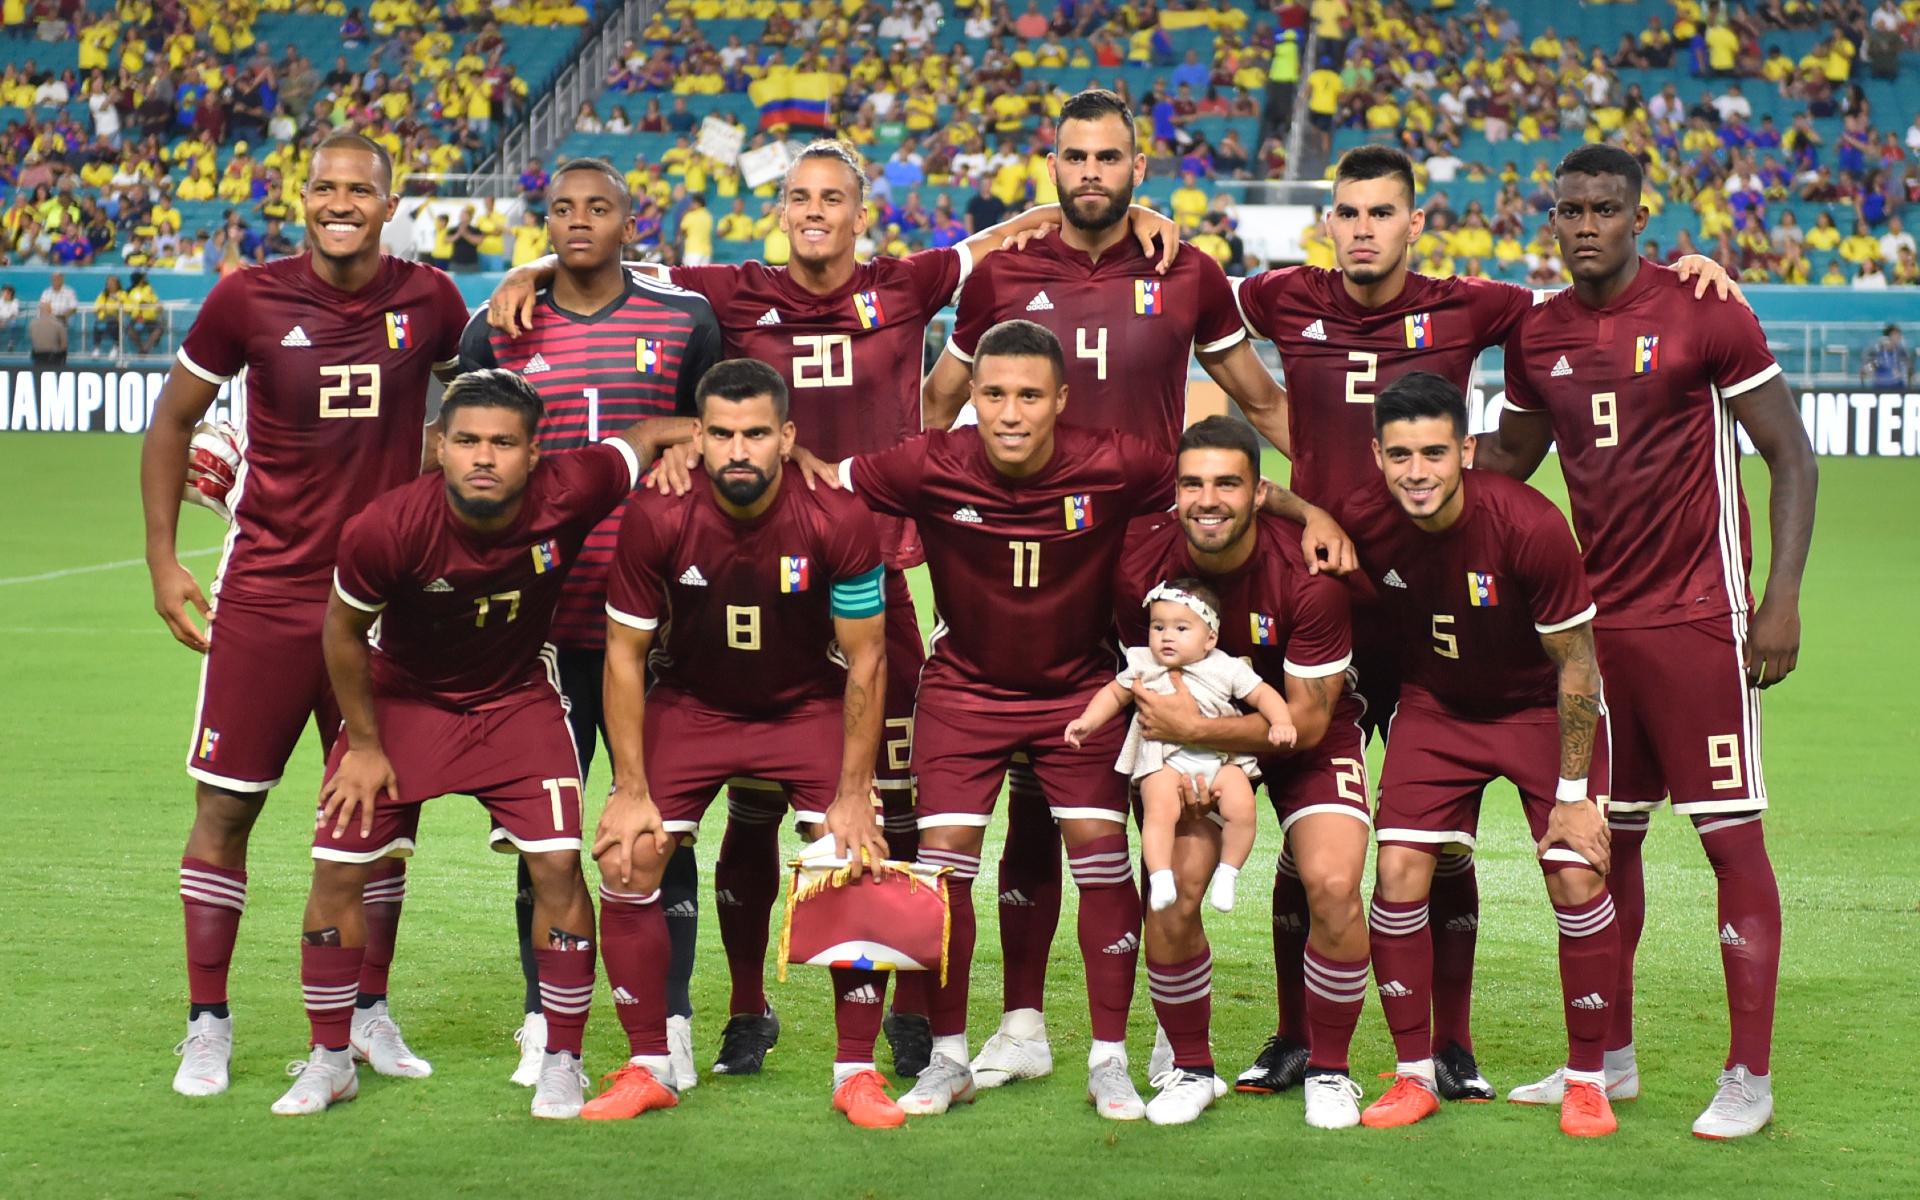 Фото: Игроки сборной Венесуэлы (Eric Espada/Getty Images)